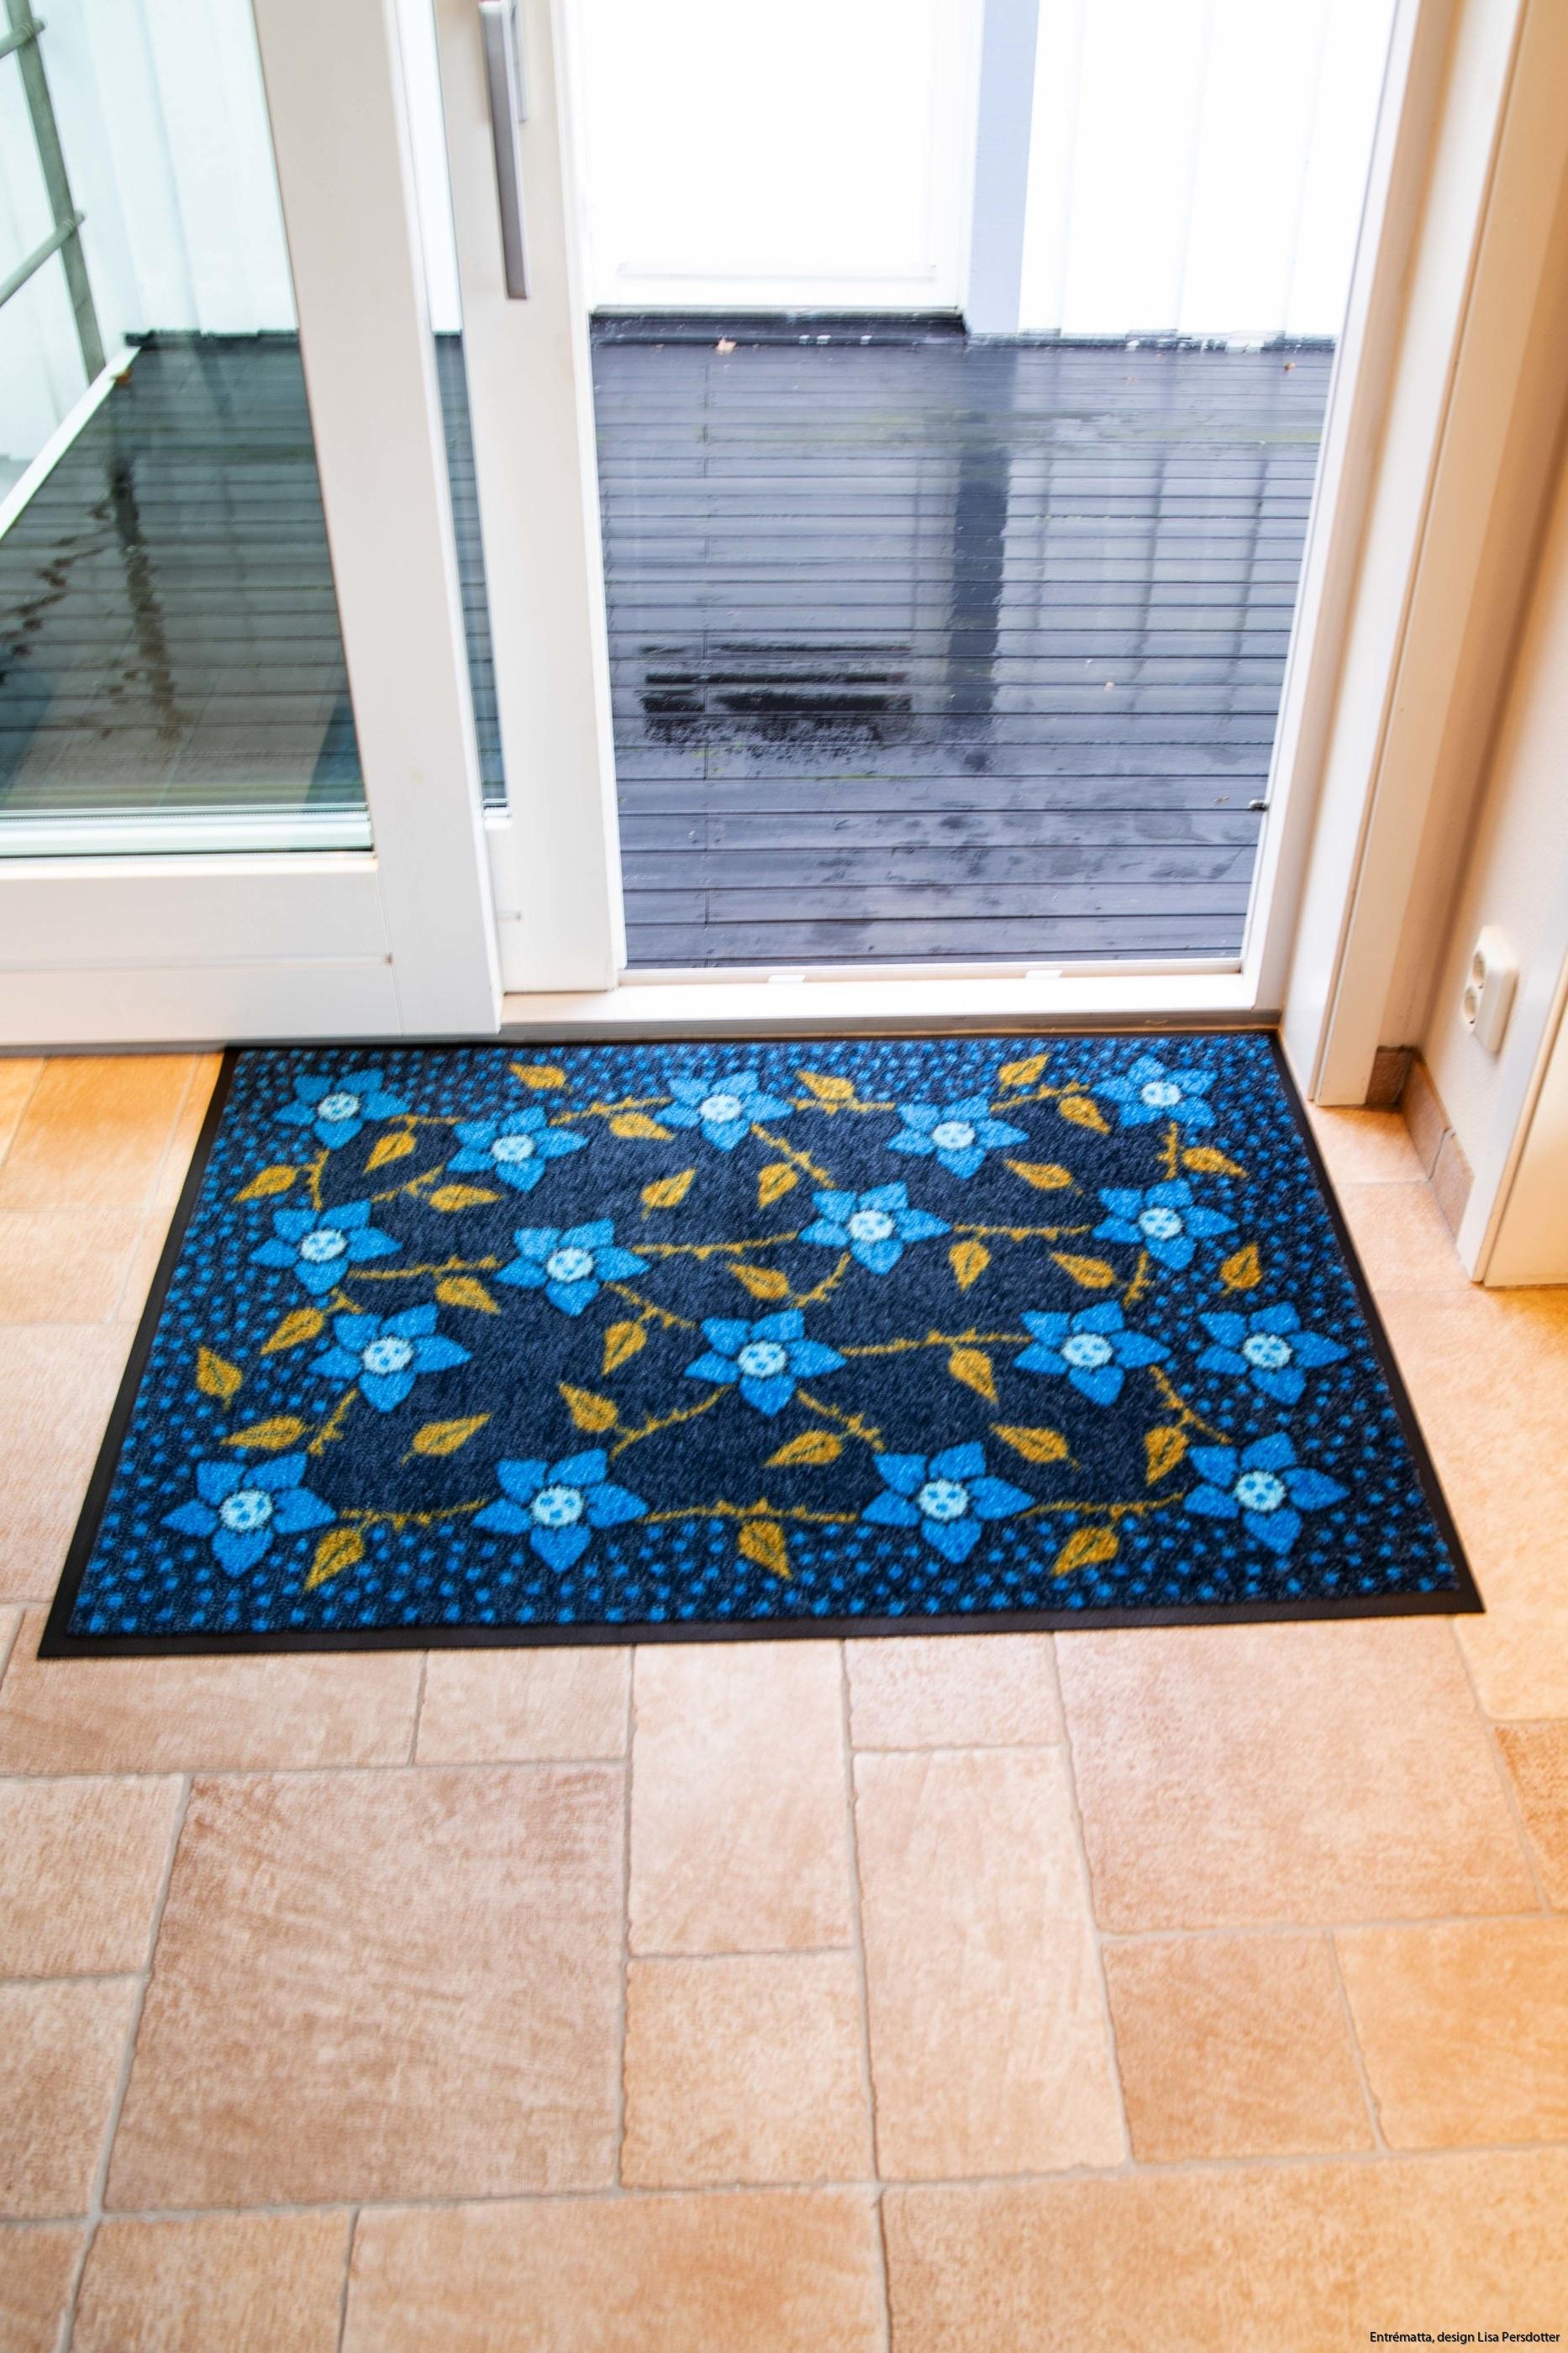 Blomma blå dörrmatta design maskintvätt 60_1